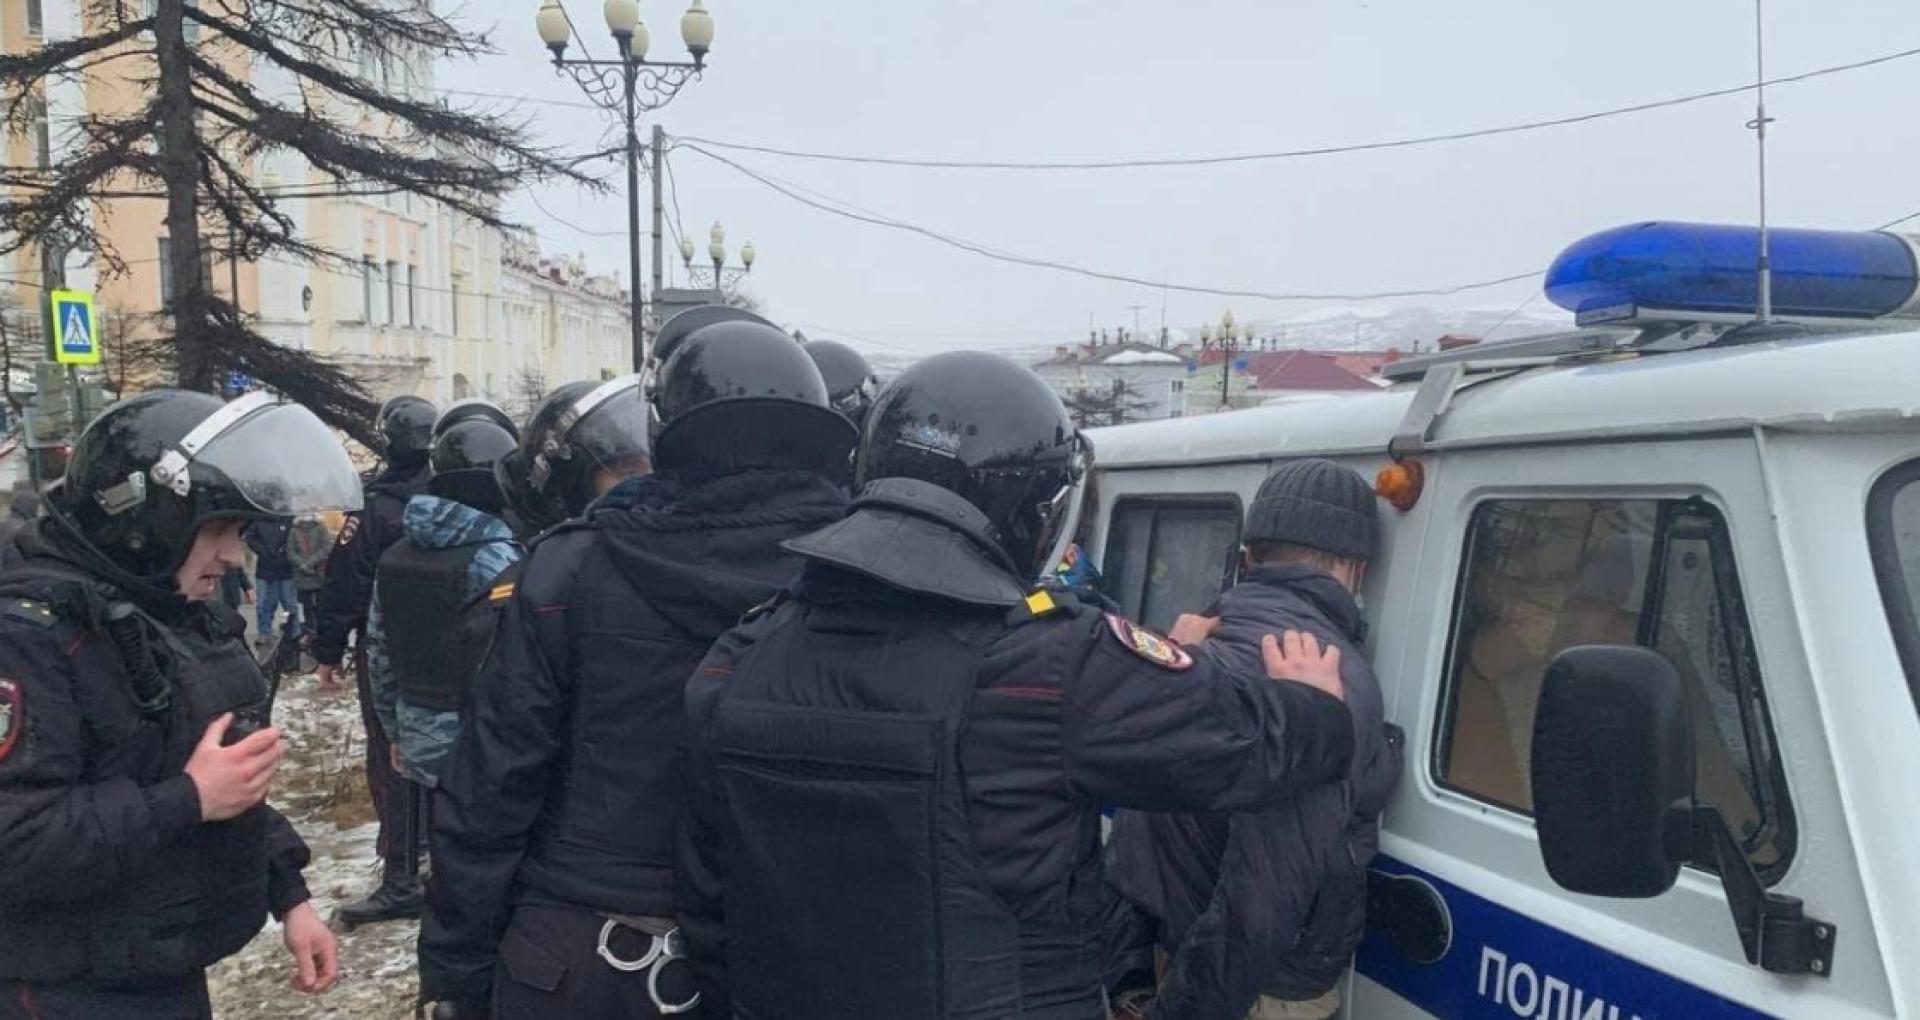 FOTO/ Noi proteste în sprijinul opozantului rus Alexei Navalny au loc miercuri în toată Rusia, în ziua în care Vladimir Putin își ține discursul său anual despre starea națiunii